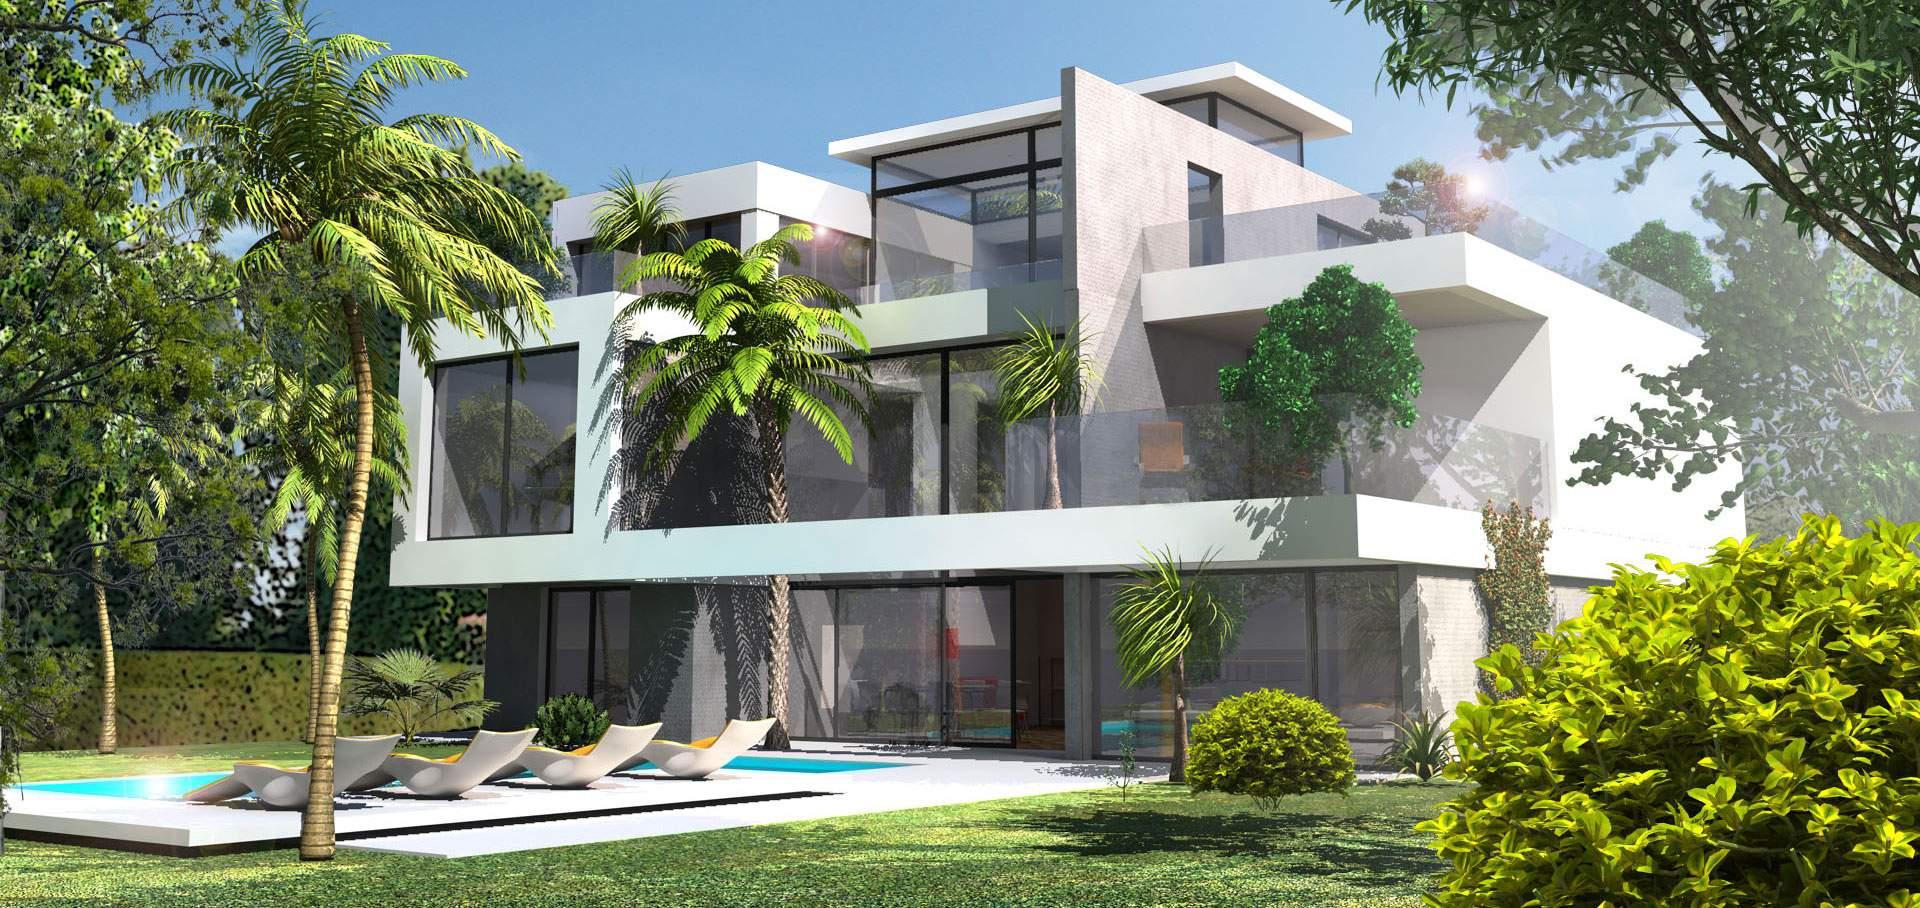 Les Superbes Maisons D Abidjan : Cci patrimoine group